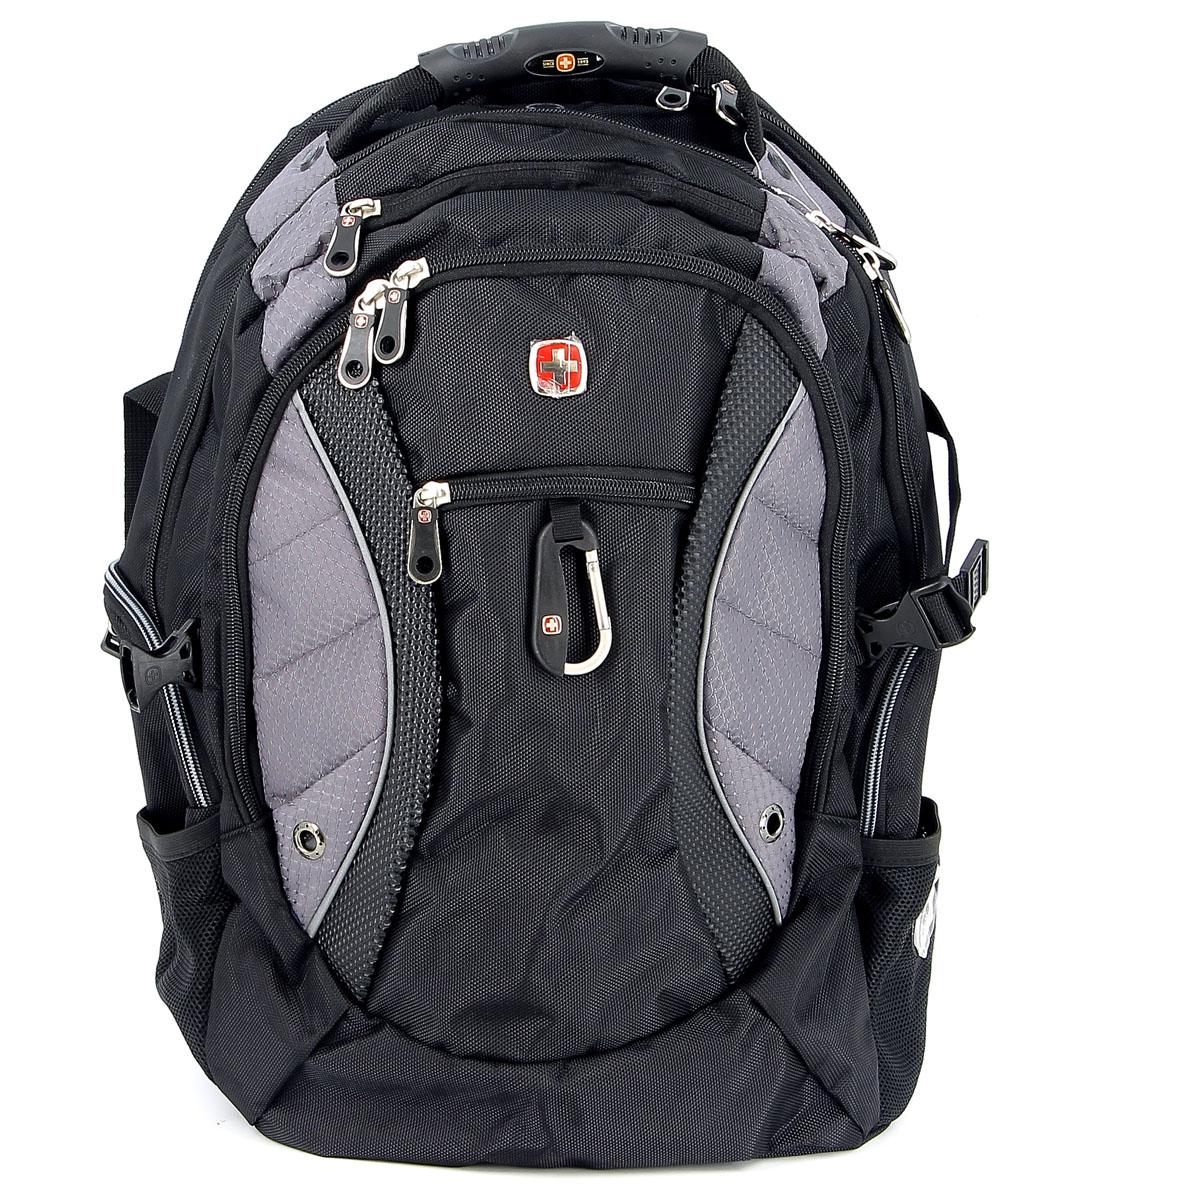 цена на Рюкзак Wenger Neo, цвет: черный, серый, 35 см х 23 см х 48 см, 39 л